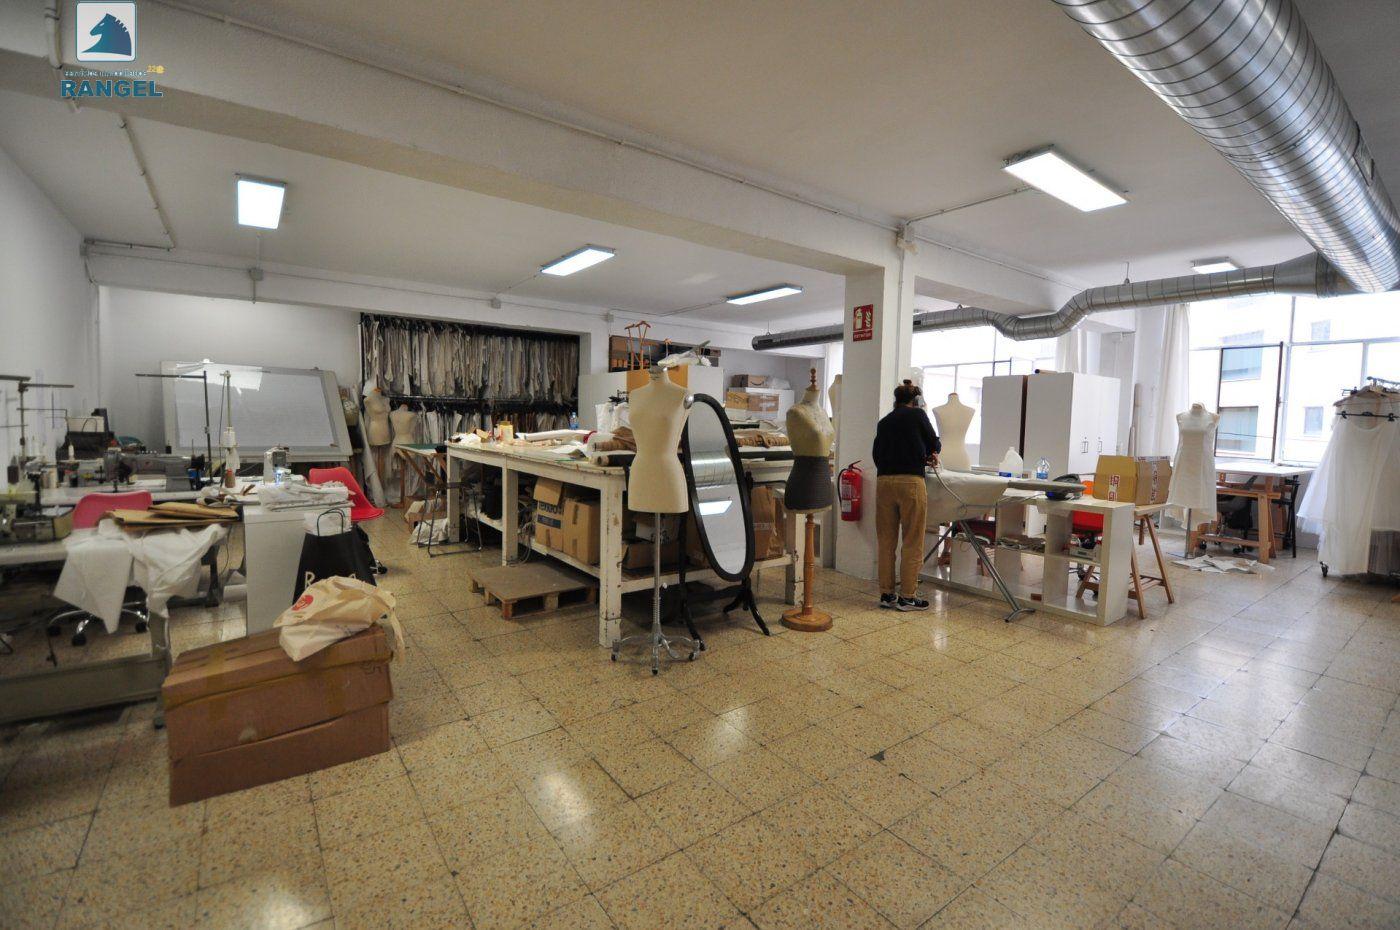 Alquiler de oficina en barcelona - imagenInmueble0